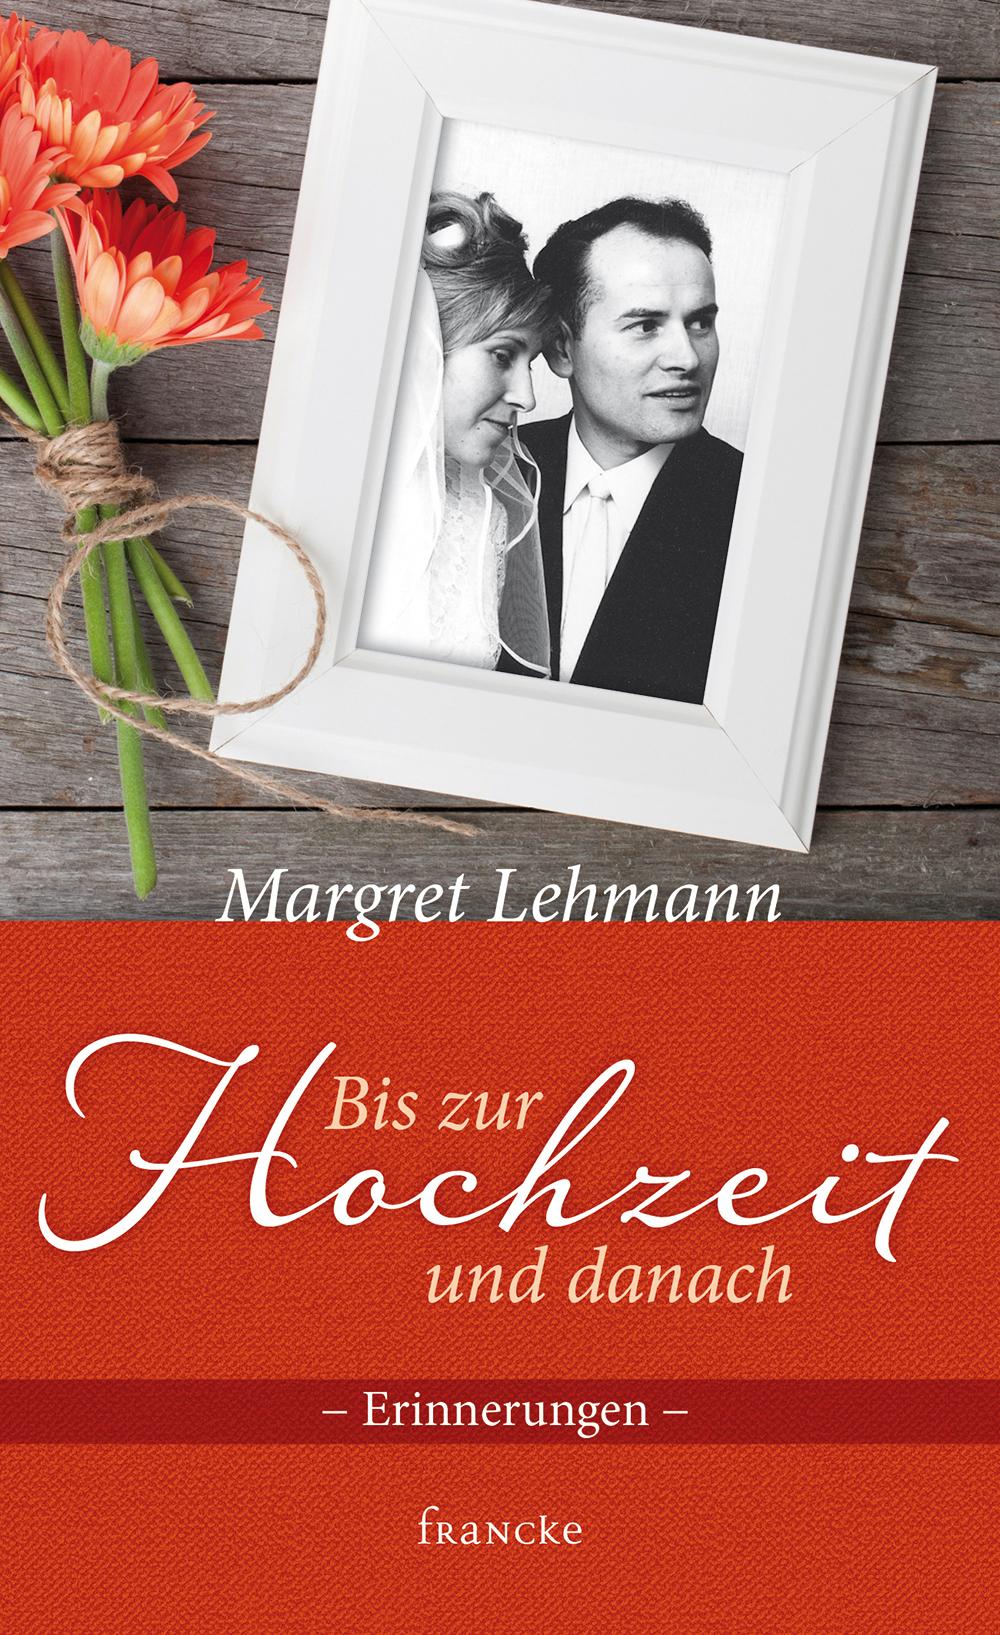 francke › Bis zur Hochzeit und danach Margret Lehmann